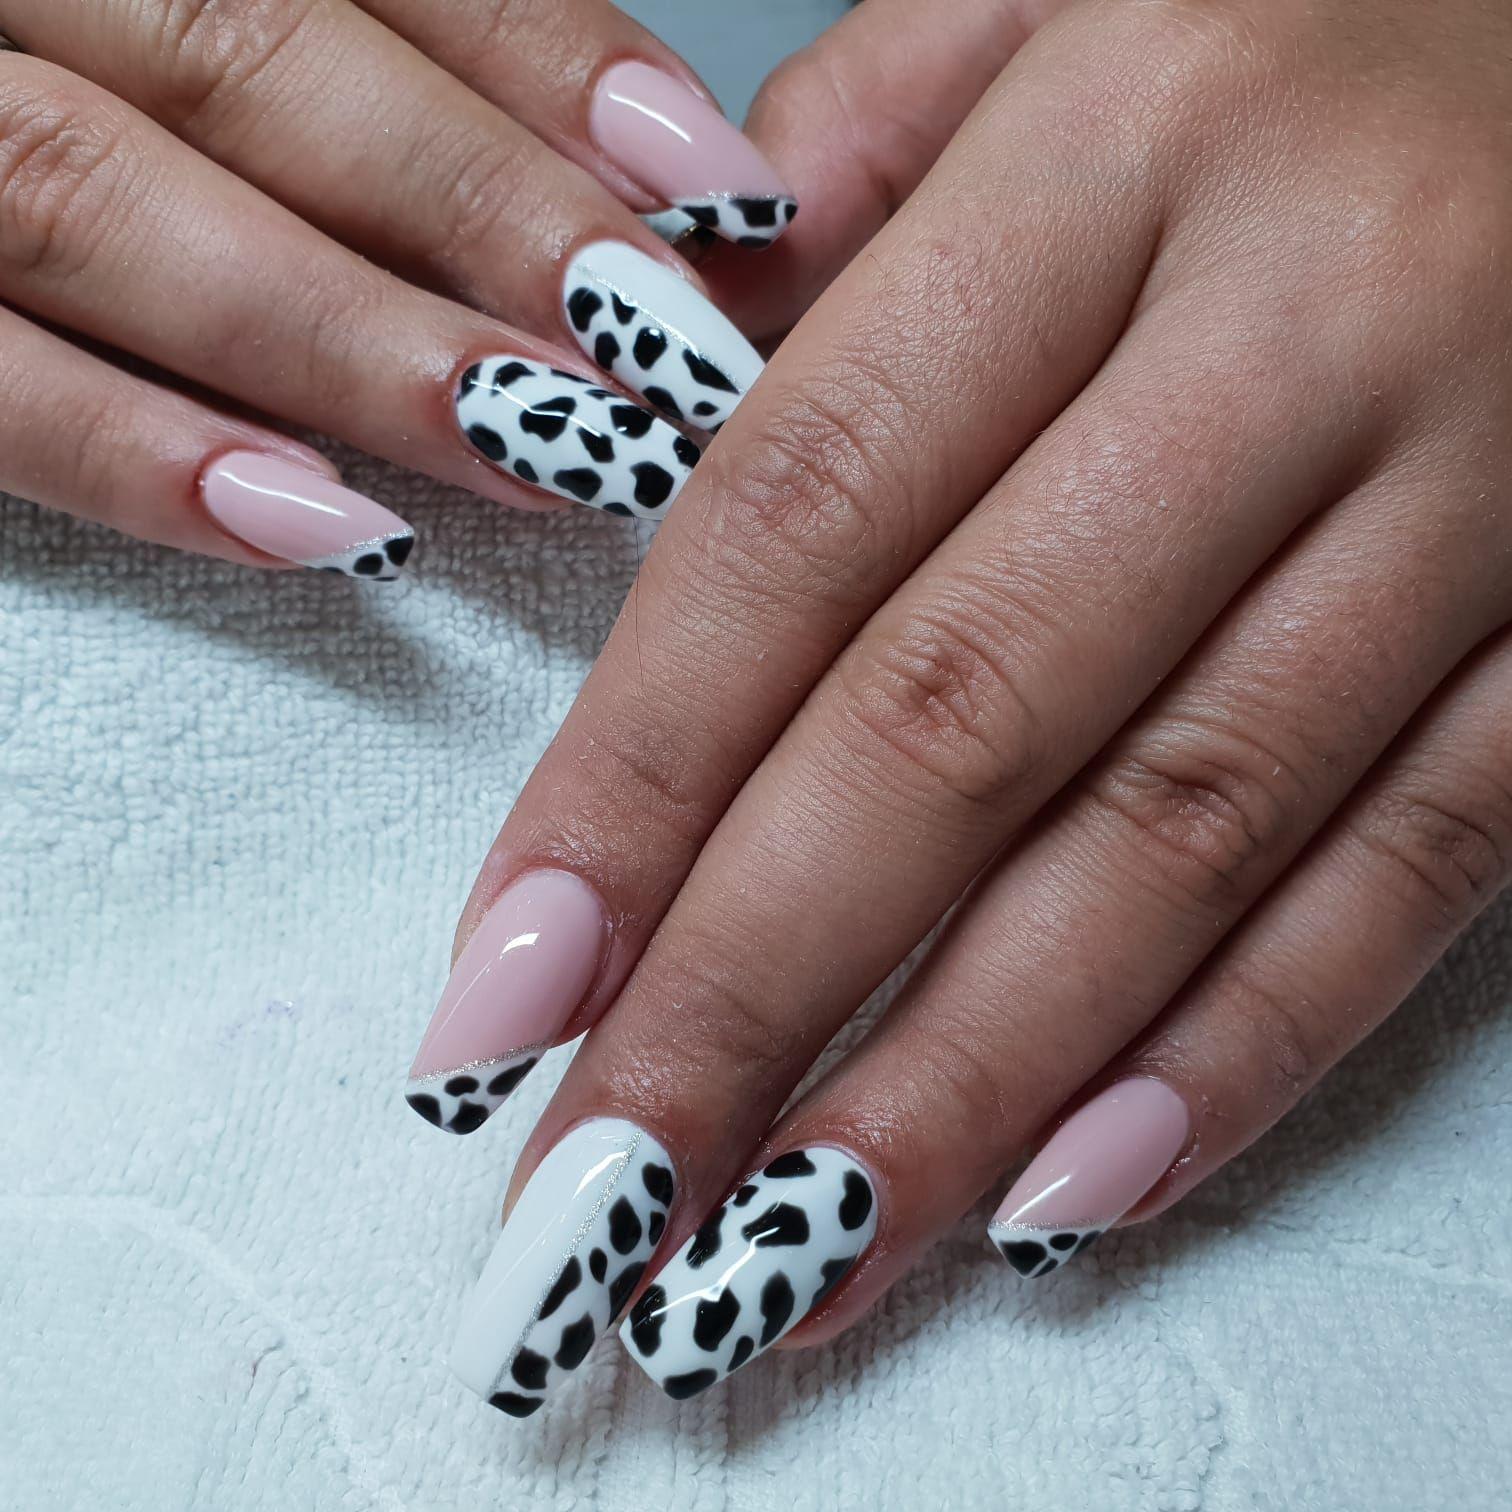 Animal print para unas uñas espectaculares.